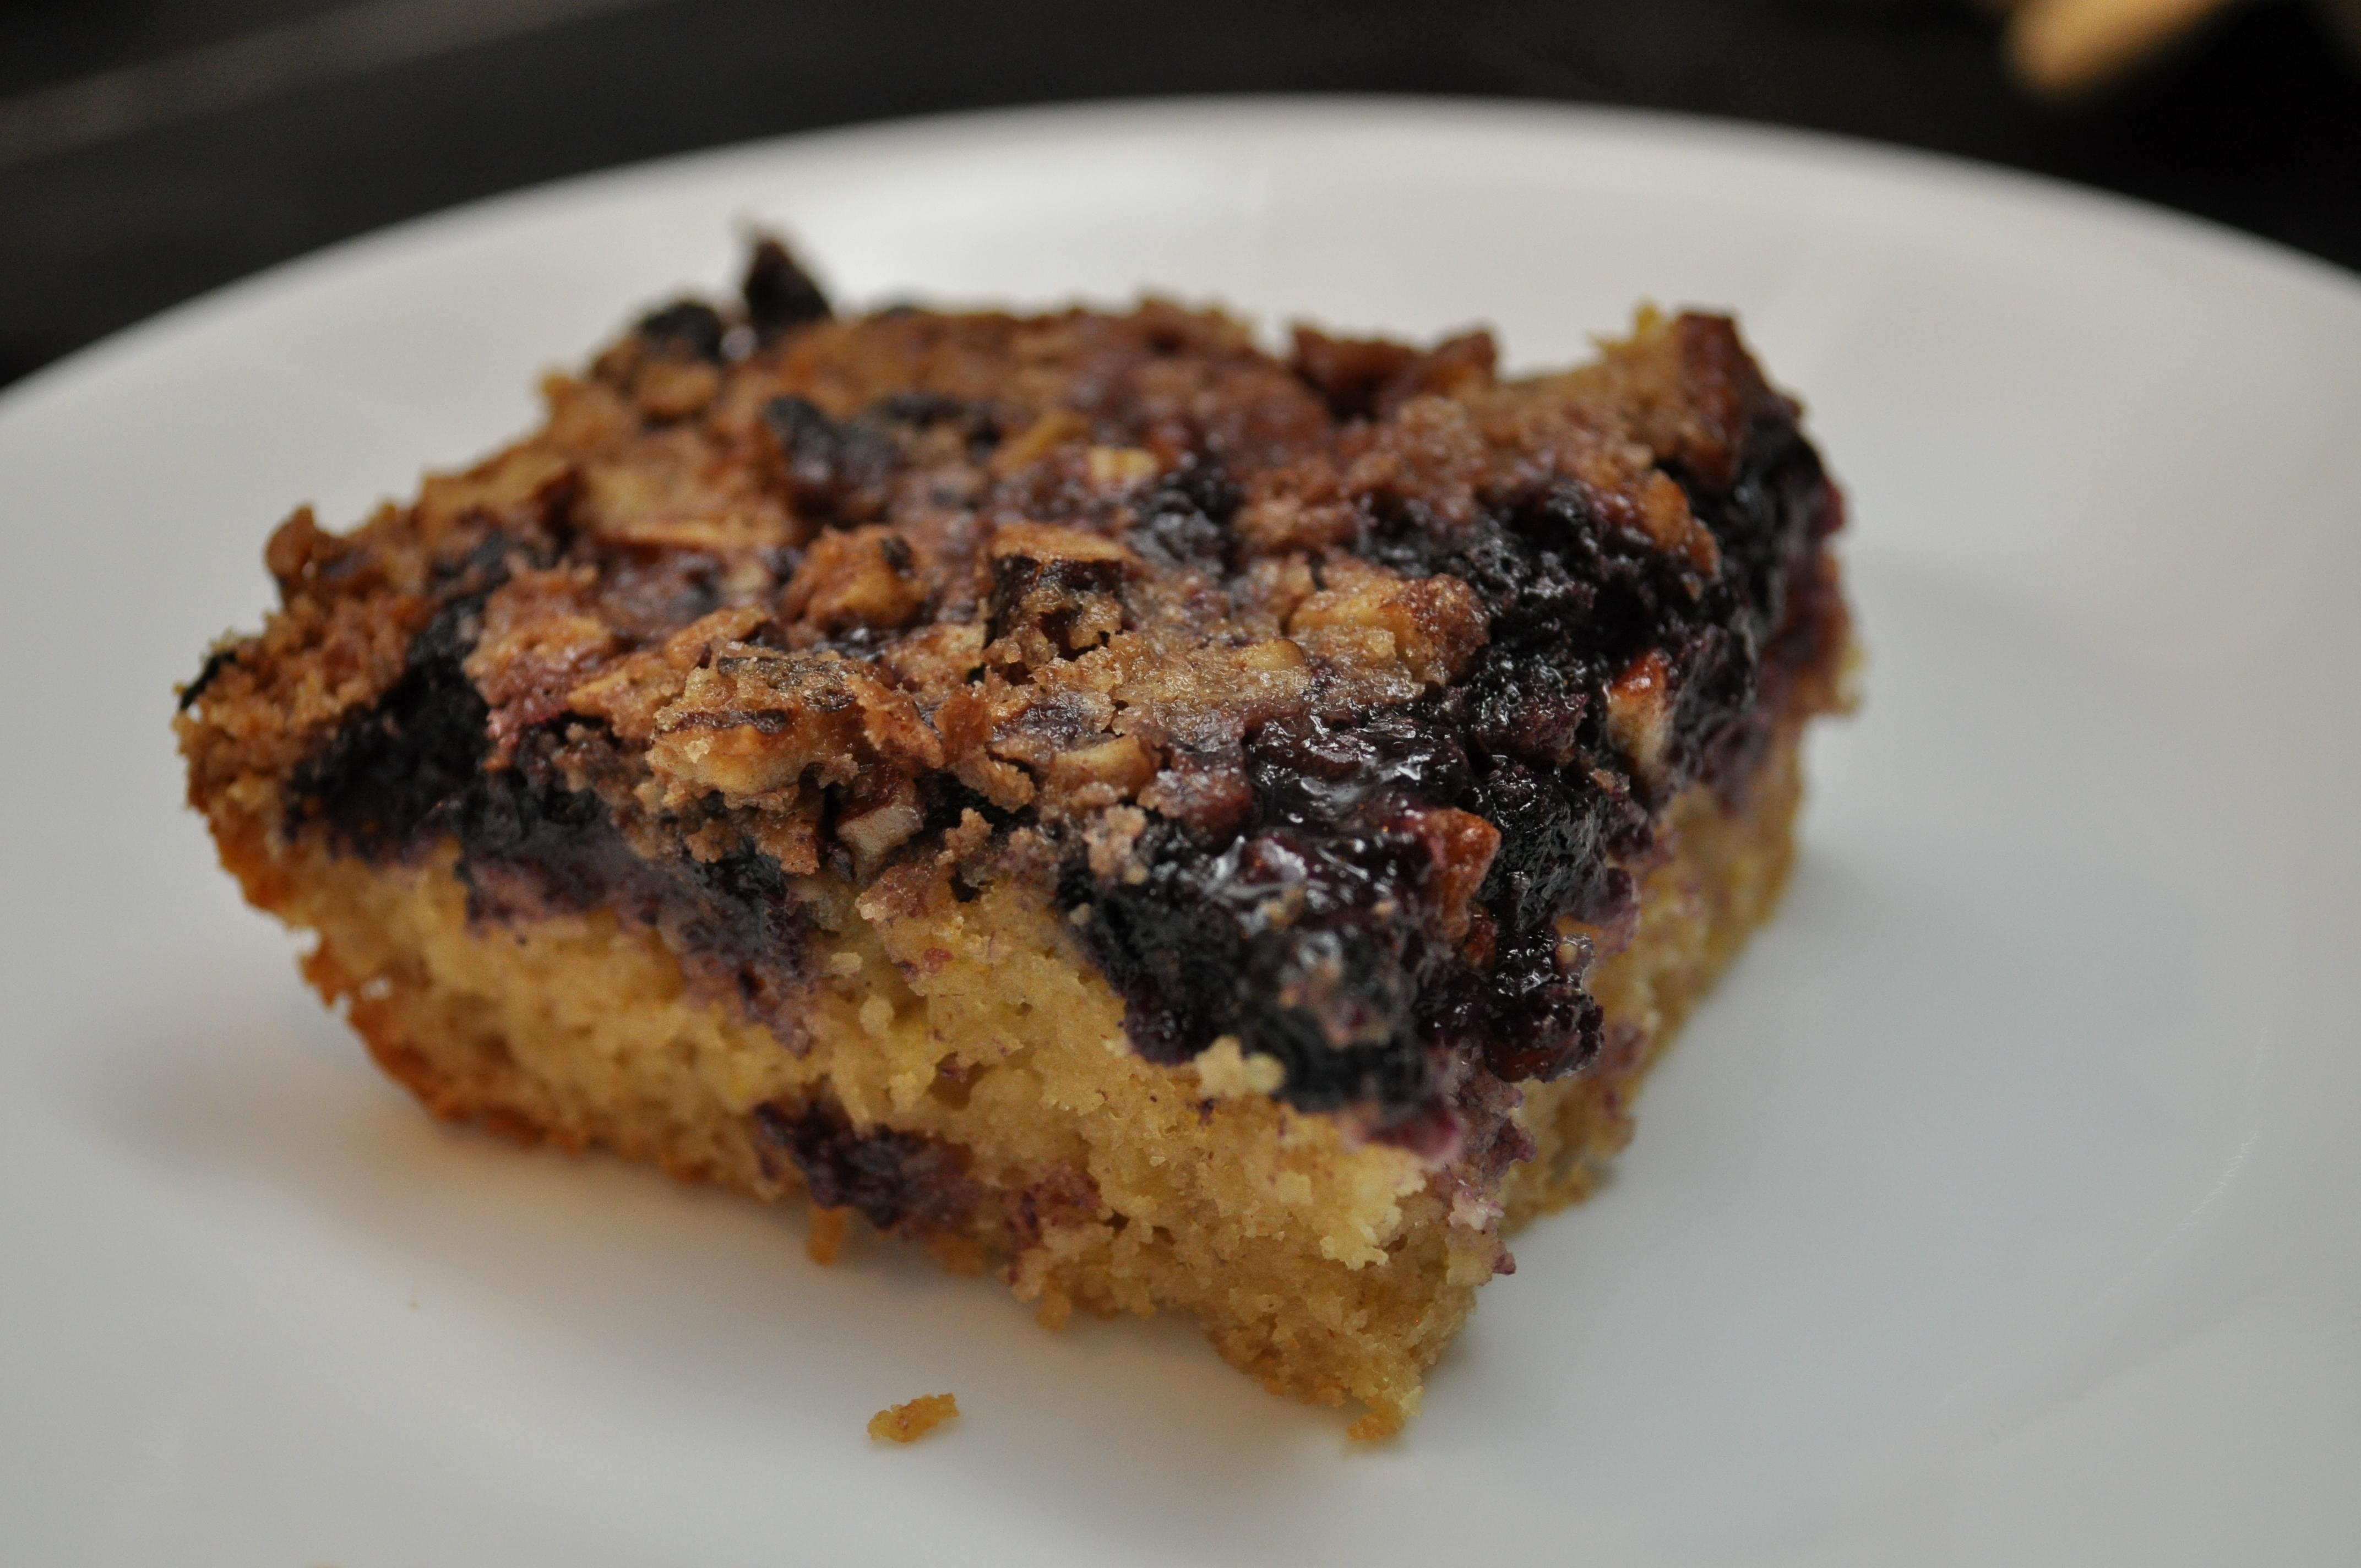 A nice slice of blueberry brunch cake